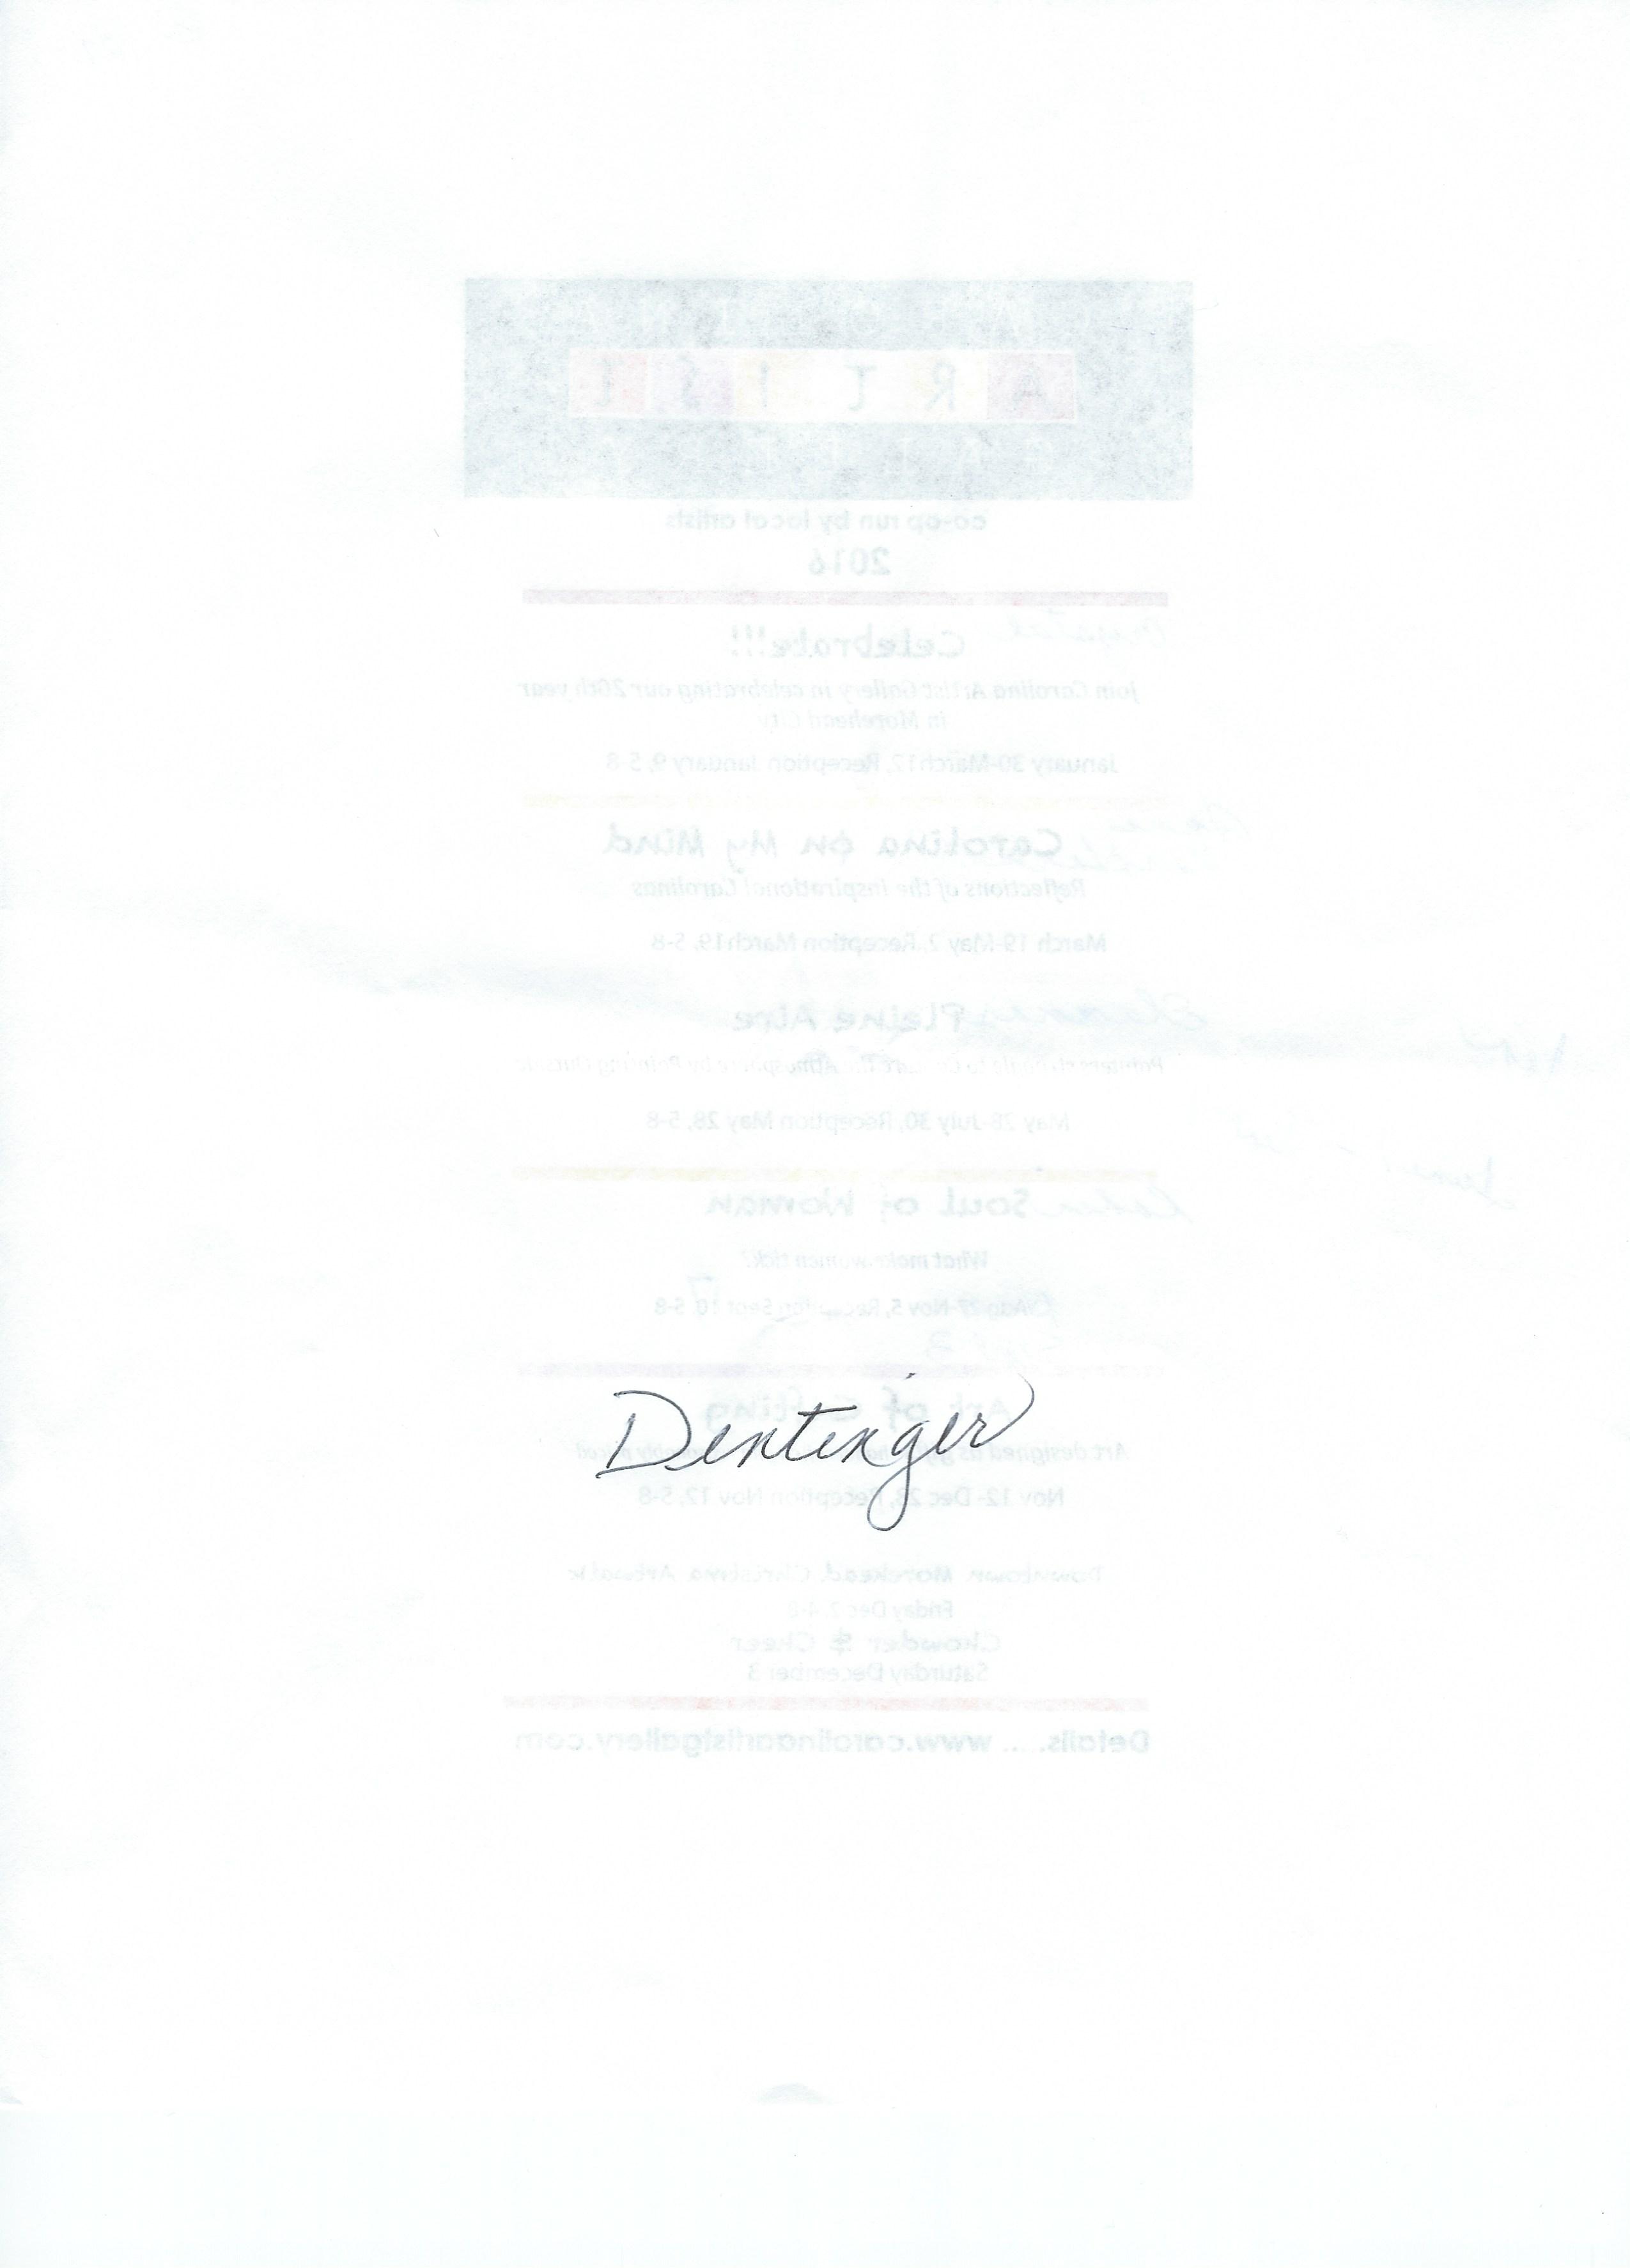 kathleen dentinger's Signature